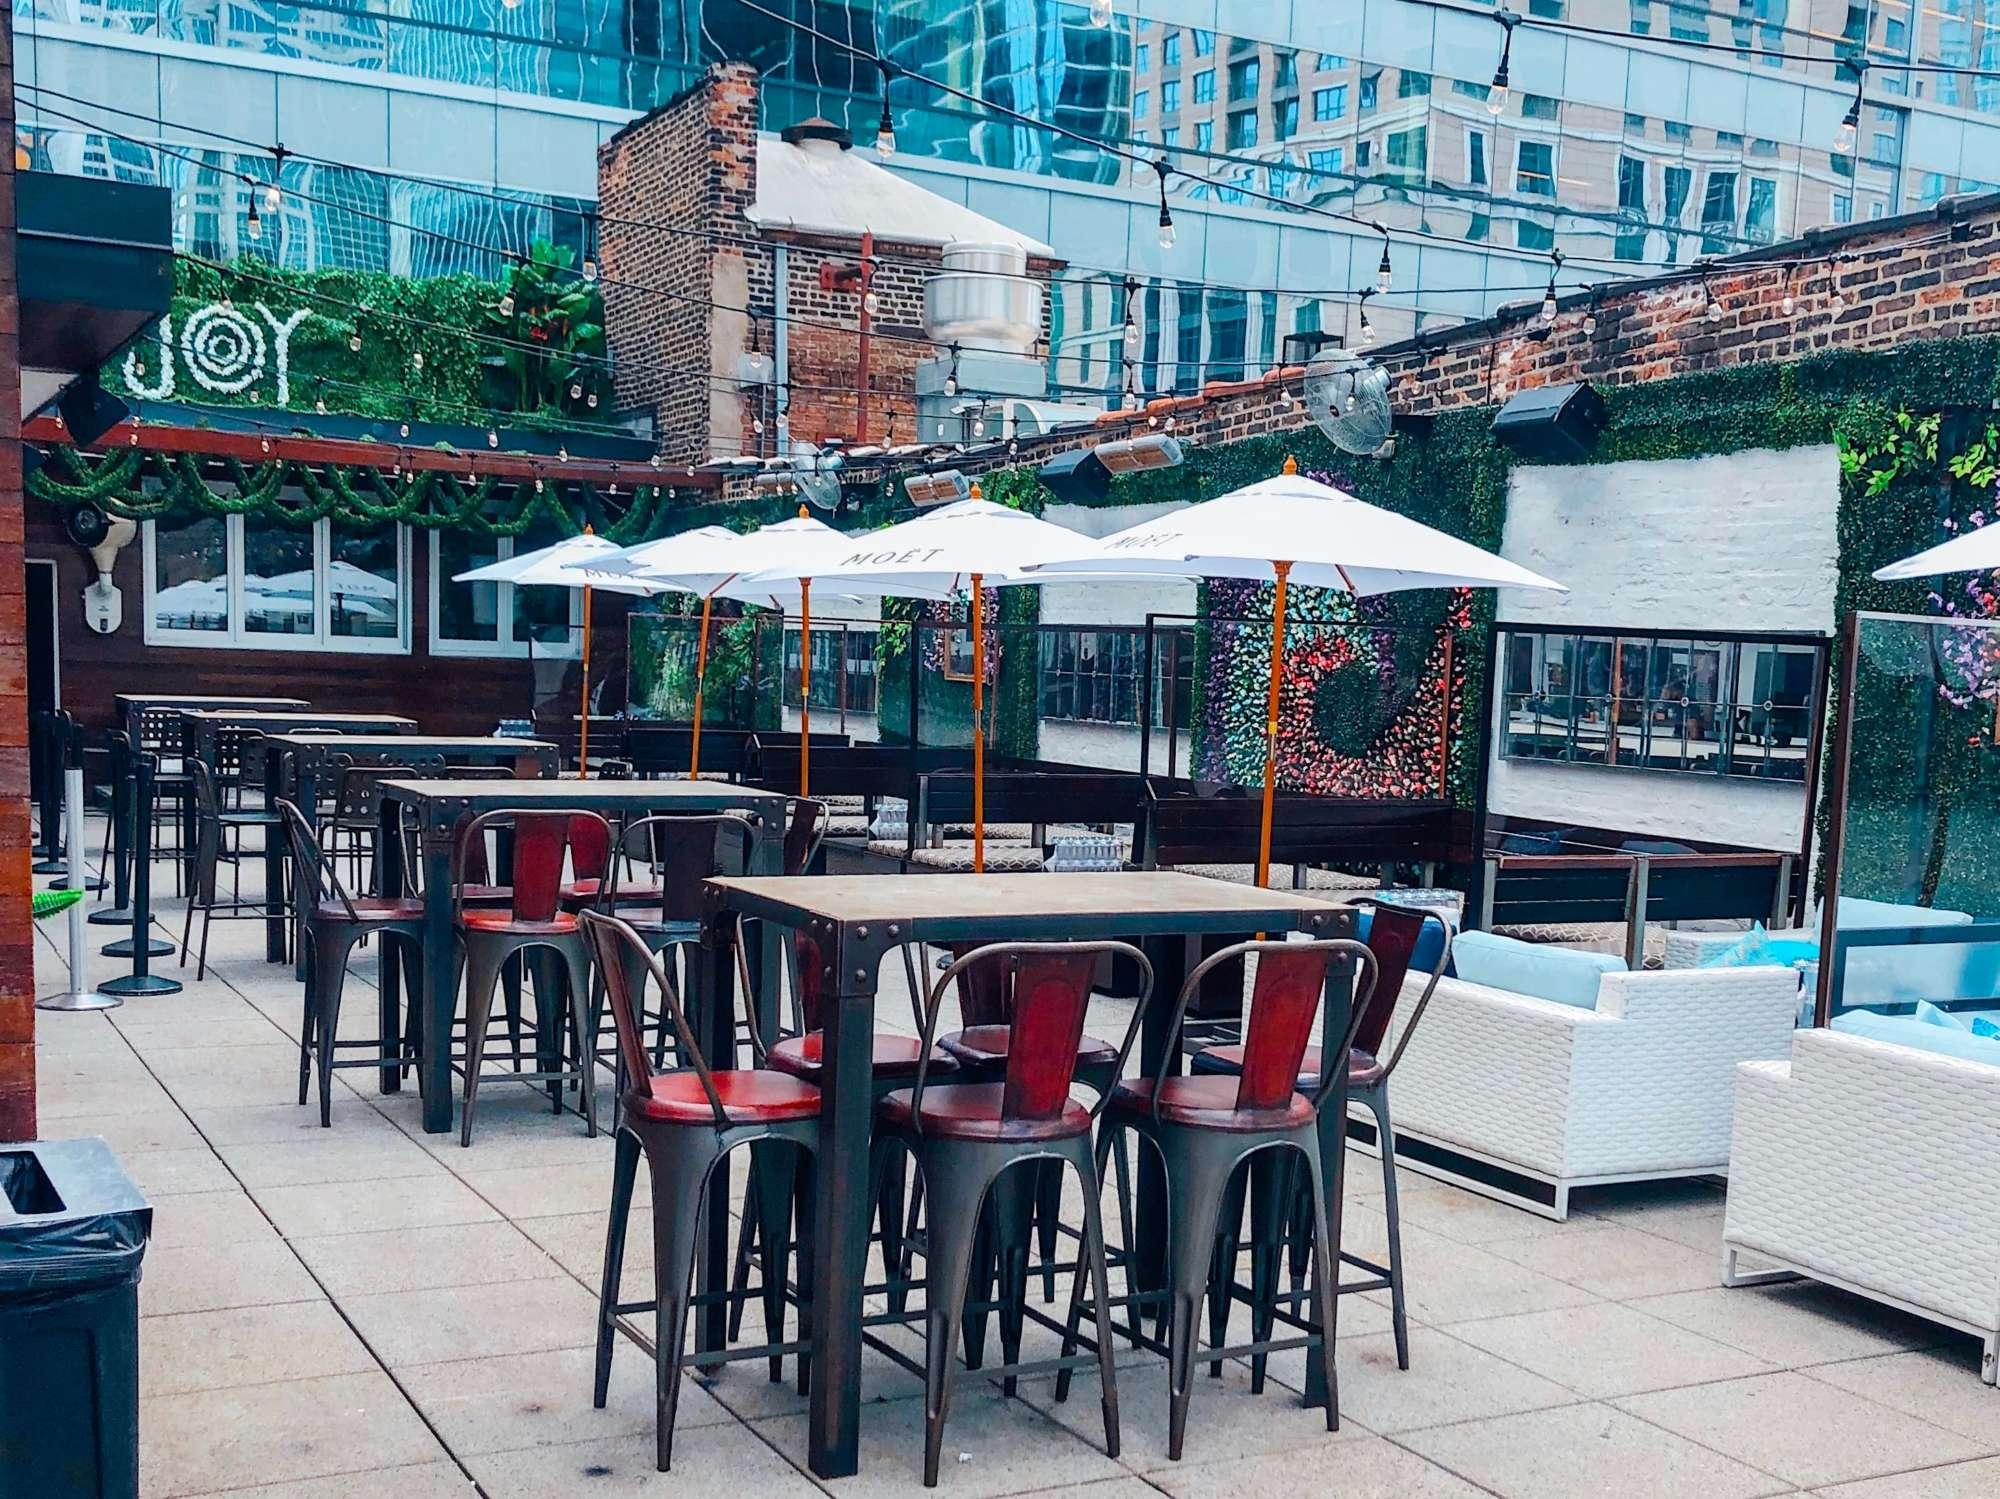 chicago restaurants indoor dining